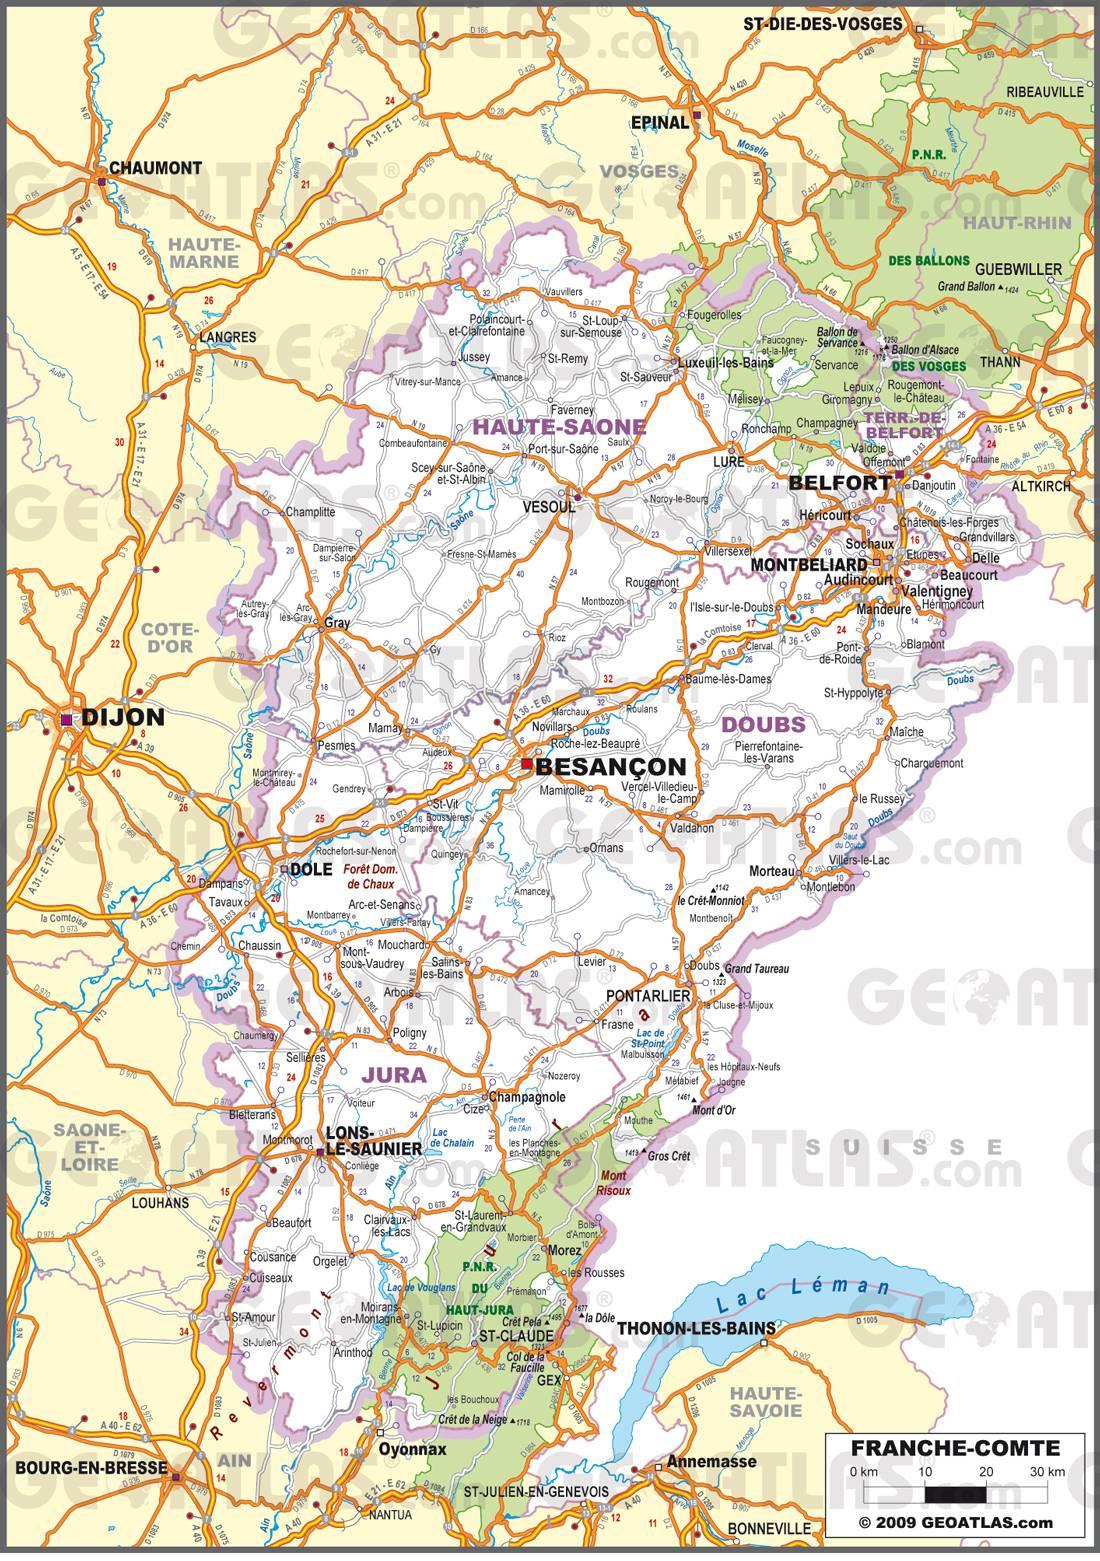 Carte routière de la Franche-Comté